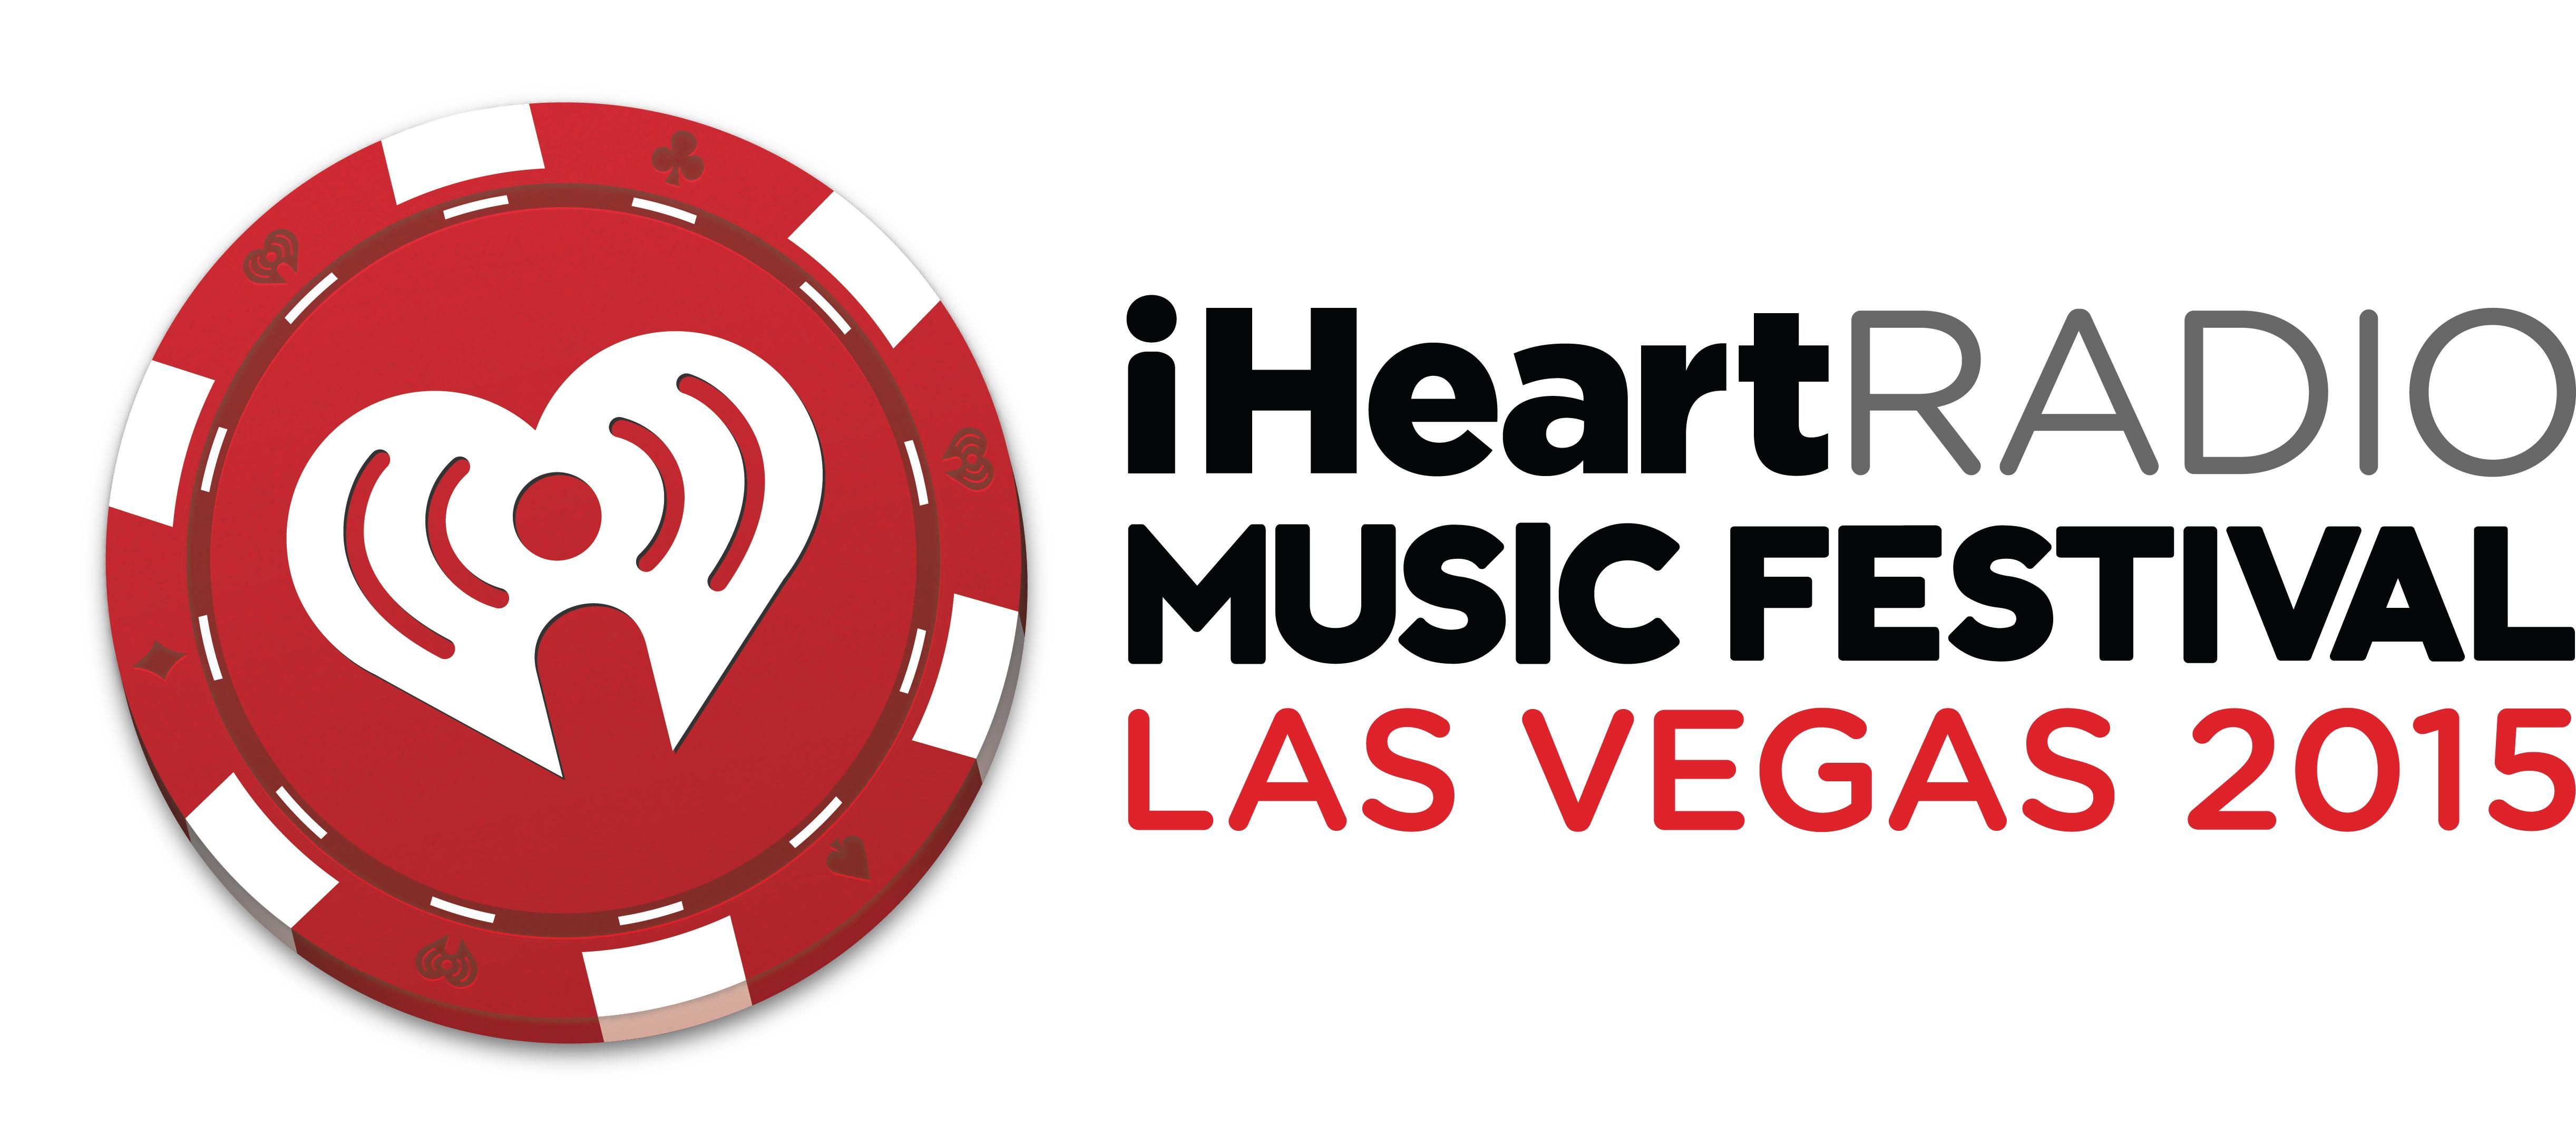 Year of festival 2015 logo — 2